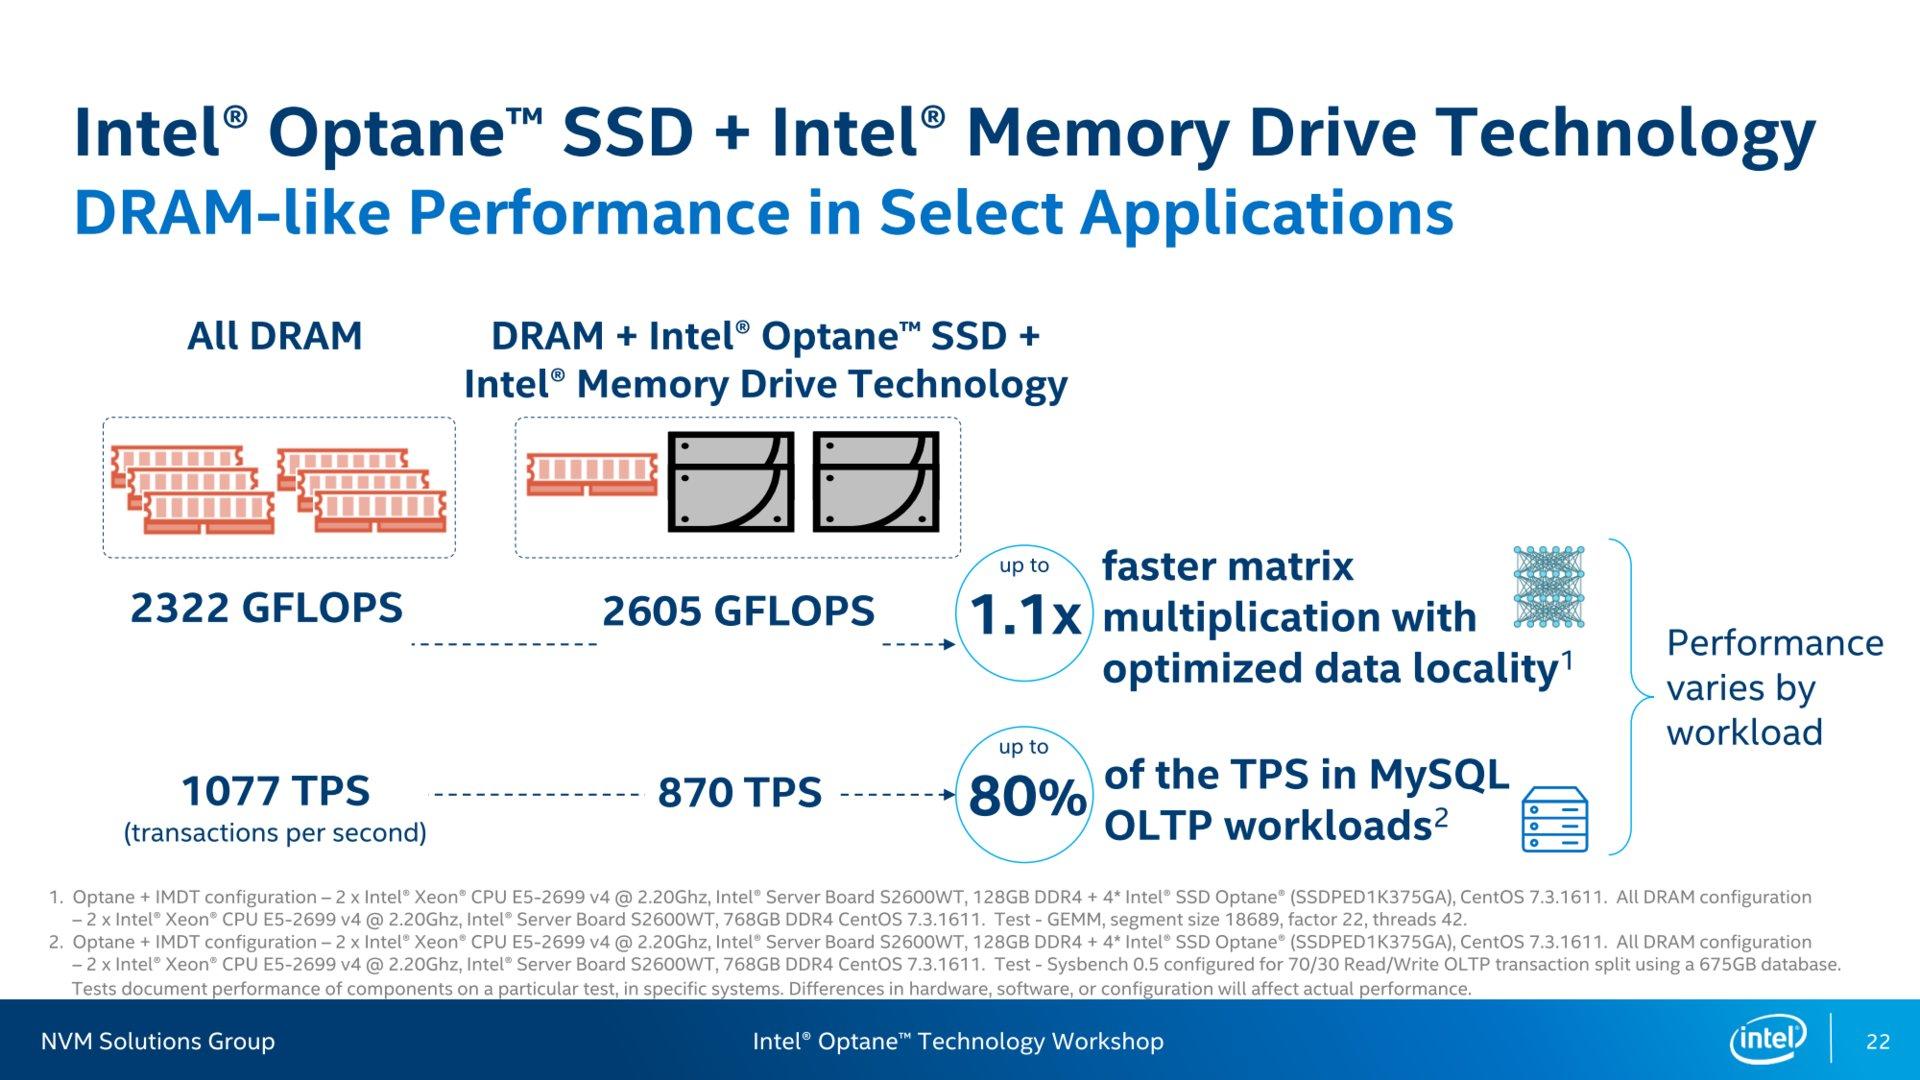 Memory Pool mit Optane-SSD soll Leistung reiner DRAM-Lösung fast erreichen